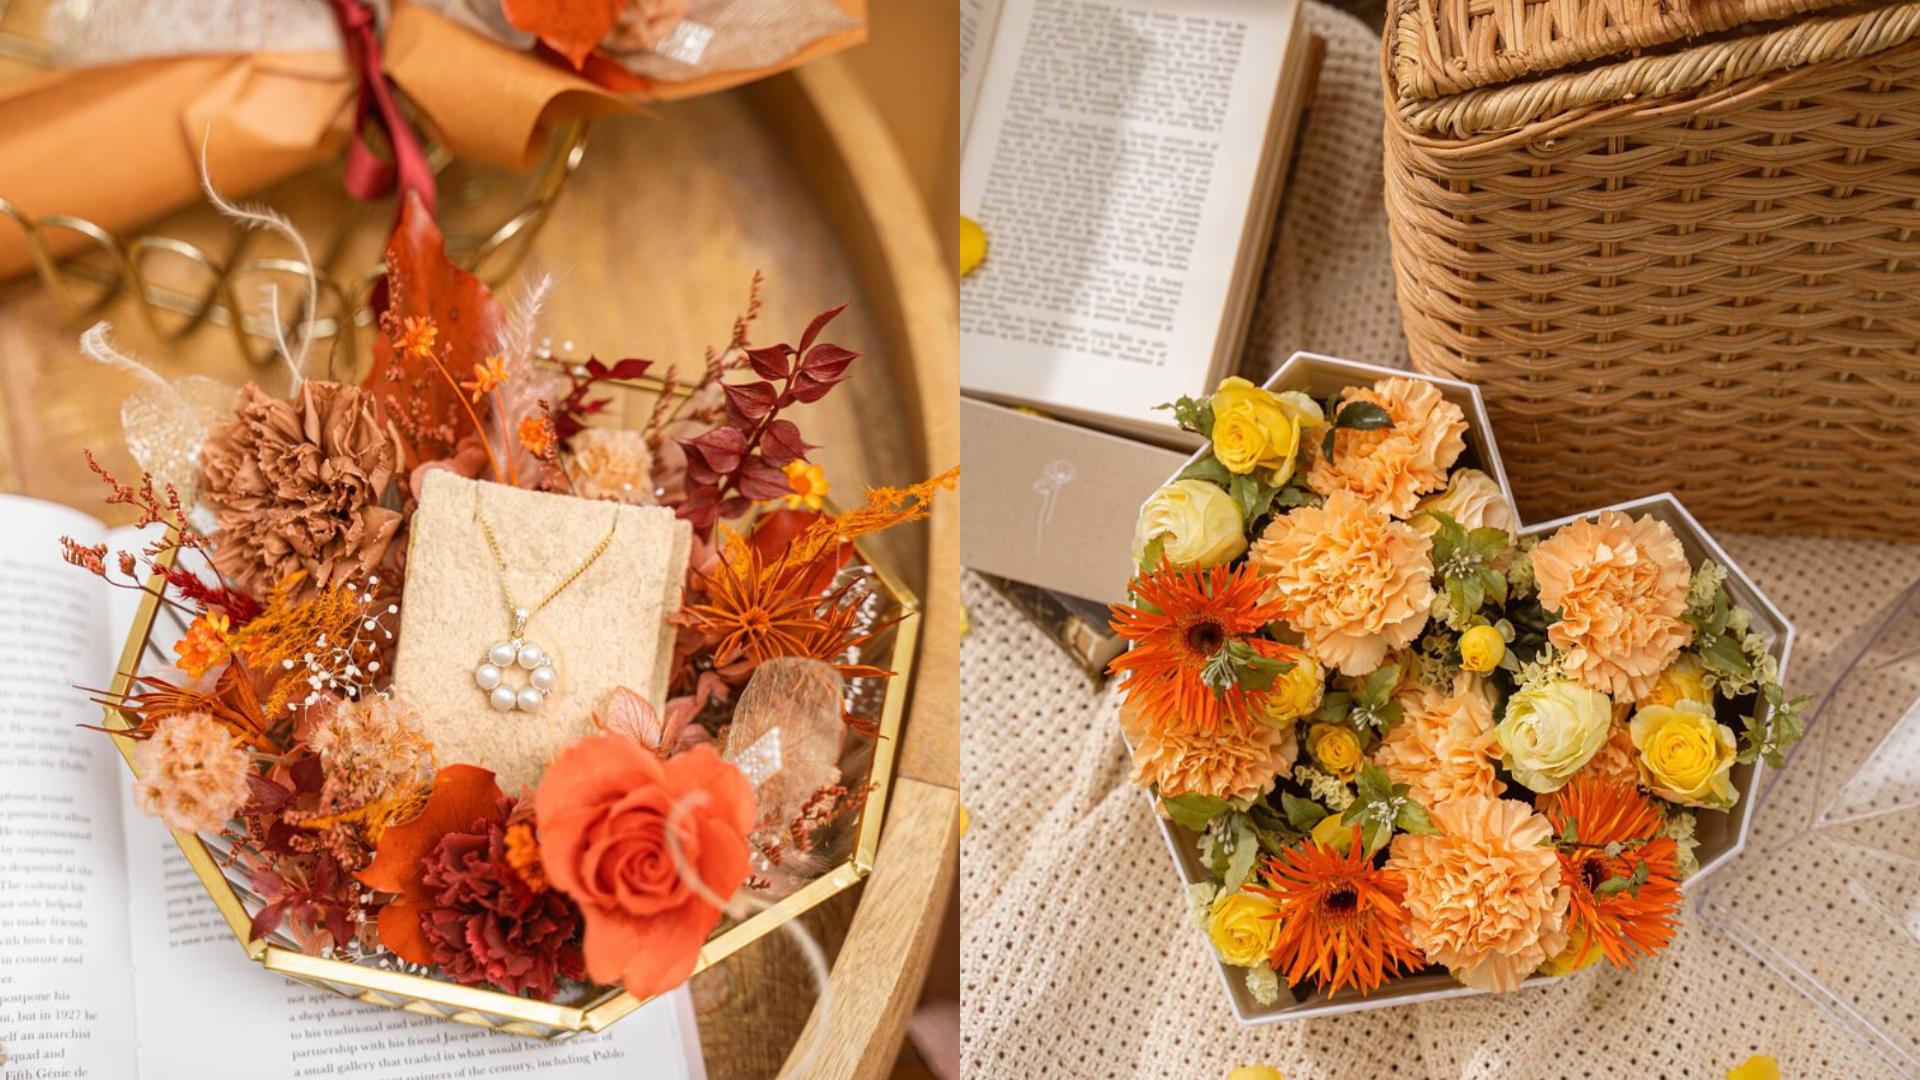 生活/將不敢說的愛都寄寓在花裡:母親節將至 為最愛的媽媽精選 5 間限定花禮!